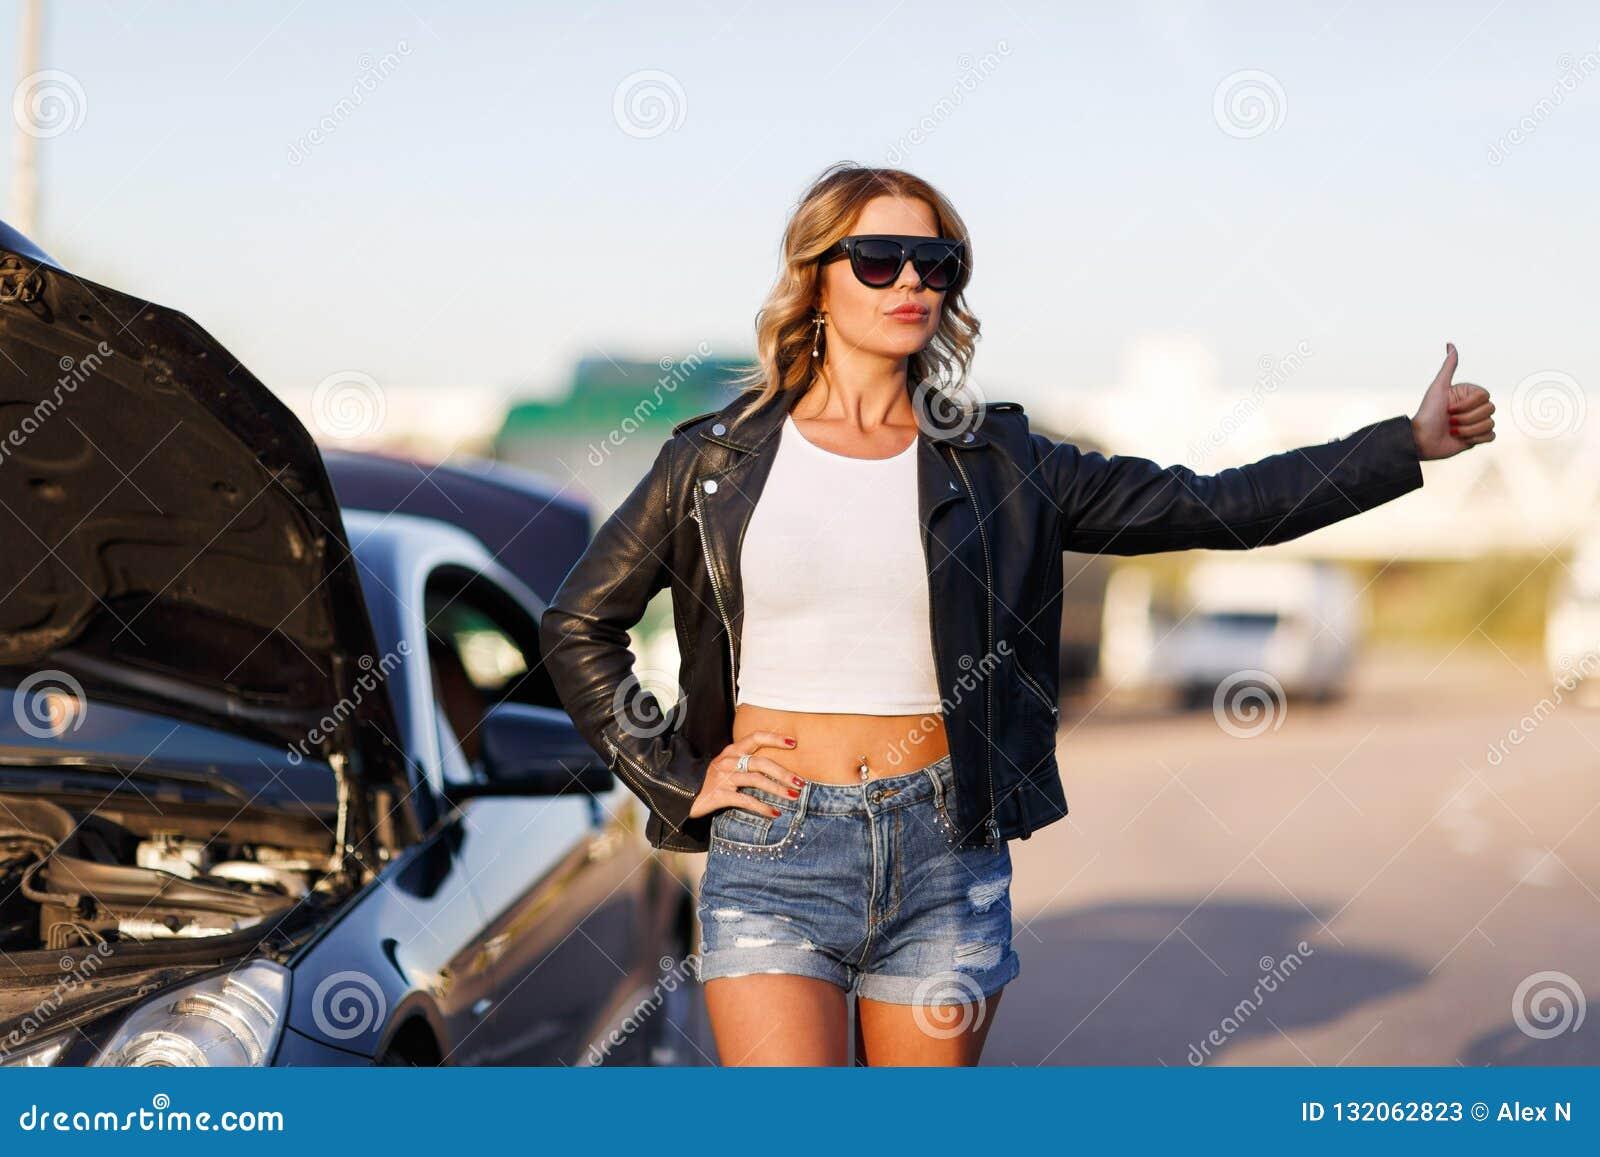 停止在街道上的年轻白肤金发的女孩的图片汽车